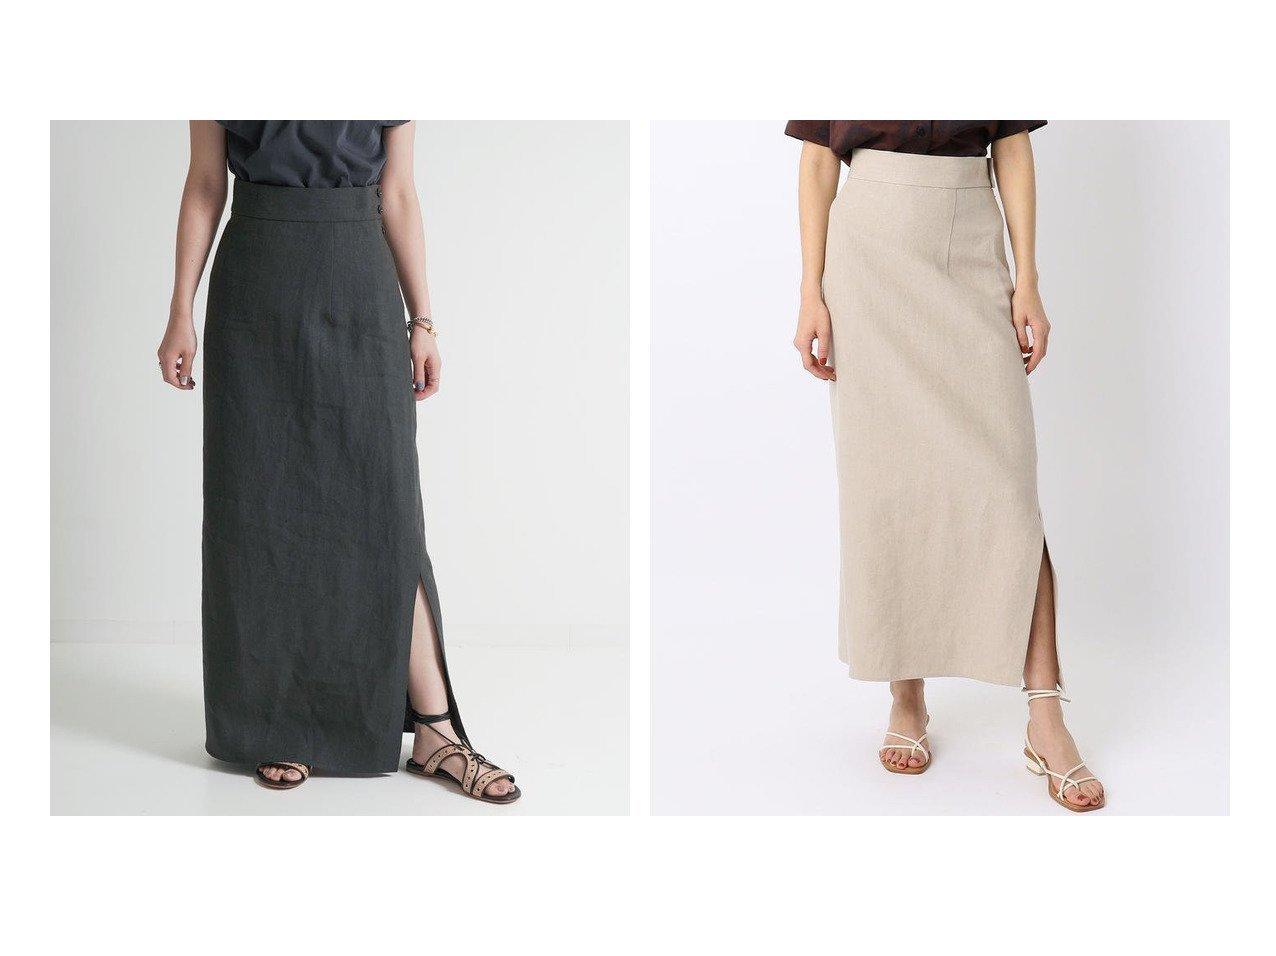 【BACCA/バッカ】のリネン ロングセミタイトスカート スカートのおすすめ!人気、トレンド・レディースファッションの通販 おすすめで人気の流行・トレンド、ファッションの通販商品 メンズファッション・キッズファッション・インテリア・家具・レディースファッション・服の通販 founy(ファニー) https://founy.com/ ファッション Fashion レディースファッション WOMEN スカート Skirt Aライン/フレアスカート Flared A-Line Skirts S/S 春夏 SS Spring/Summer アシンメトリー ギャザー スリット タンク フレア リネン ロング 人気 春 Spring  ID:crp329100000023301